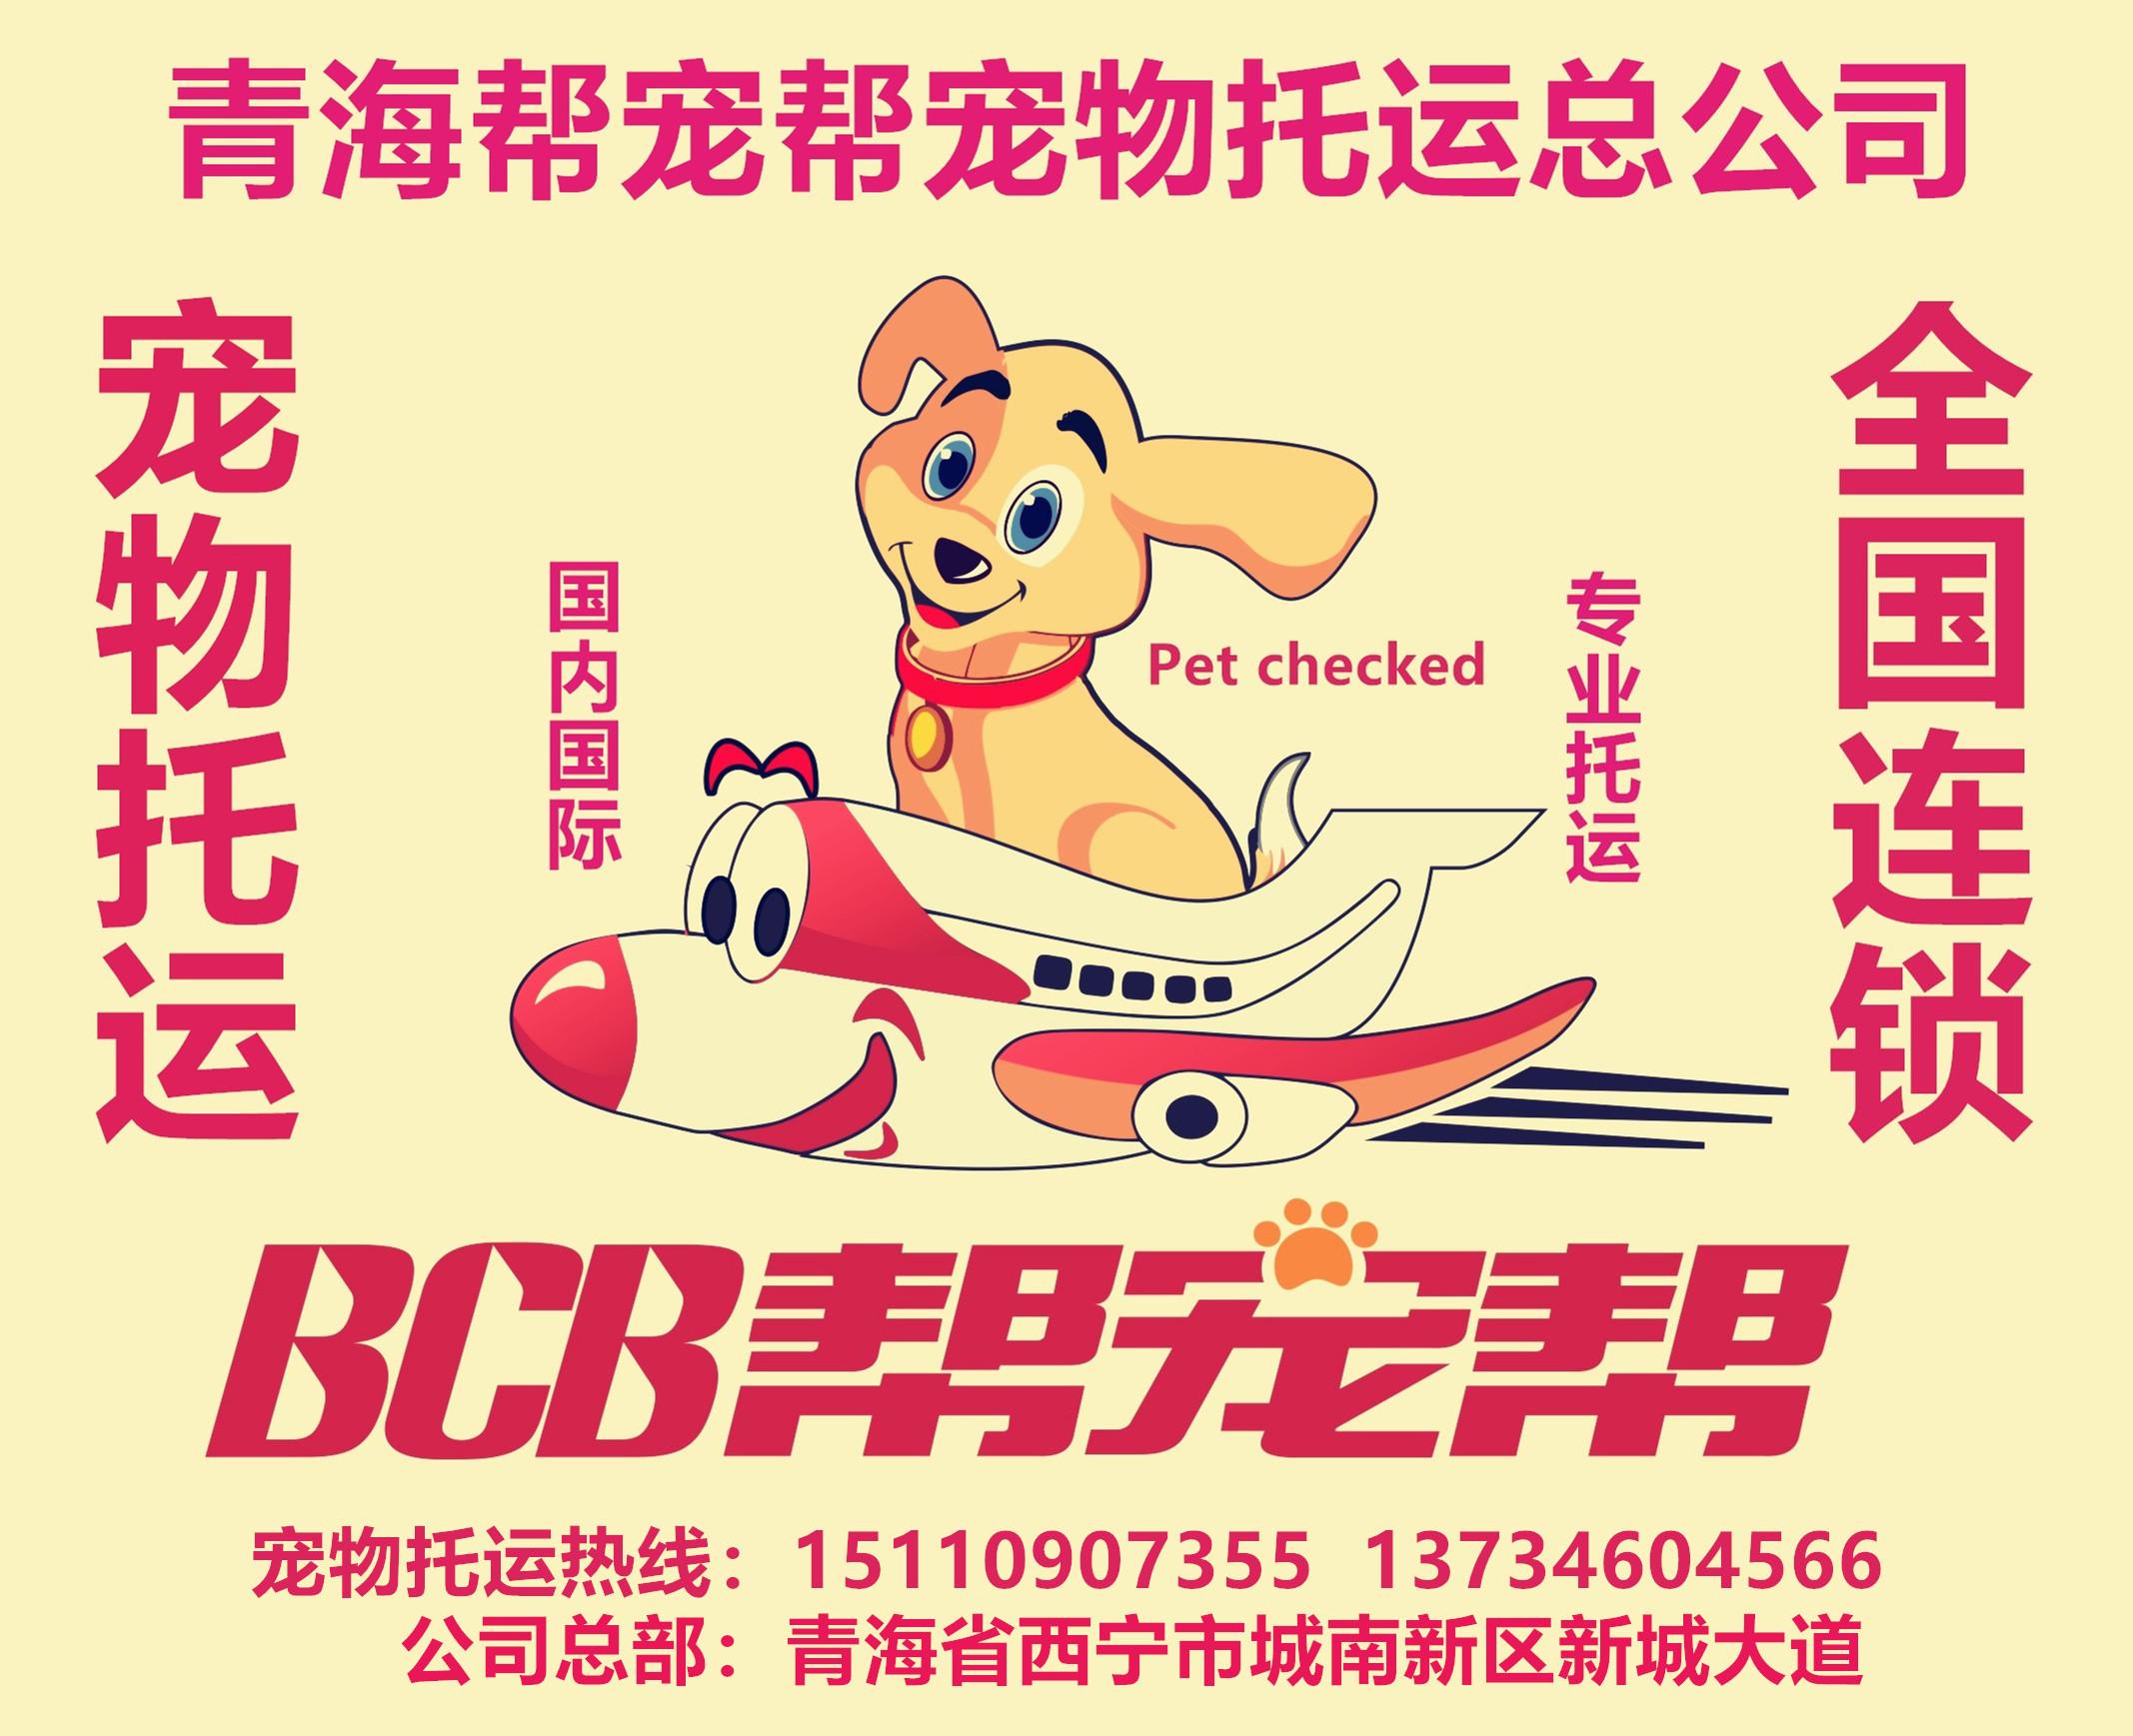 西宁帮宠帮宠物托运西宁首家自主宠物托运品牌